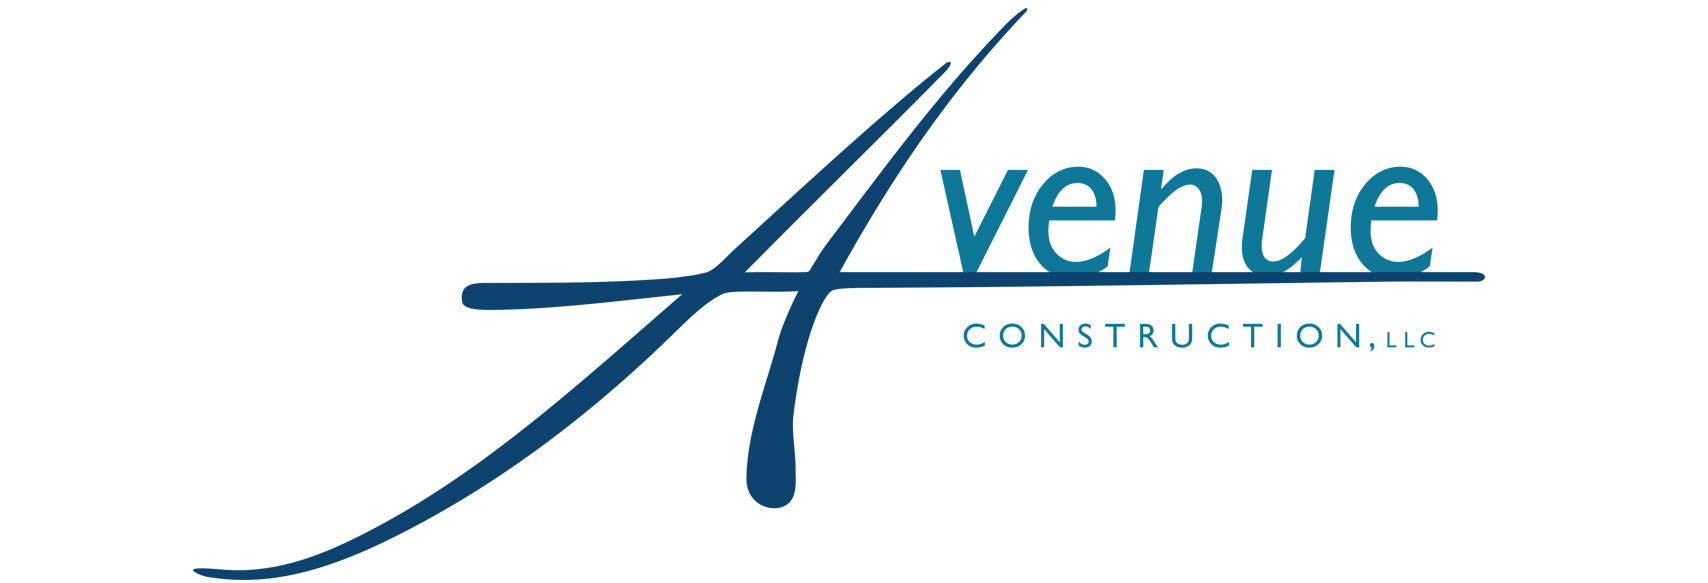 Avenue Construction